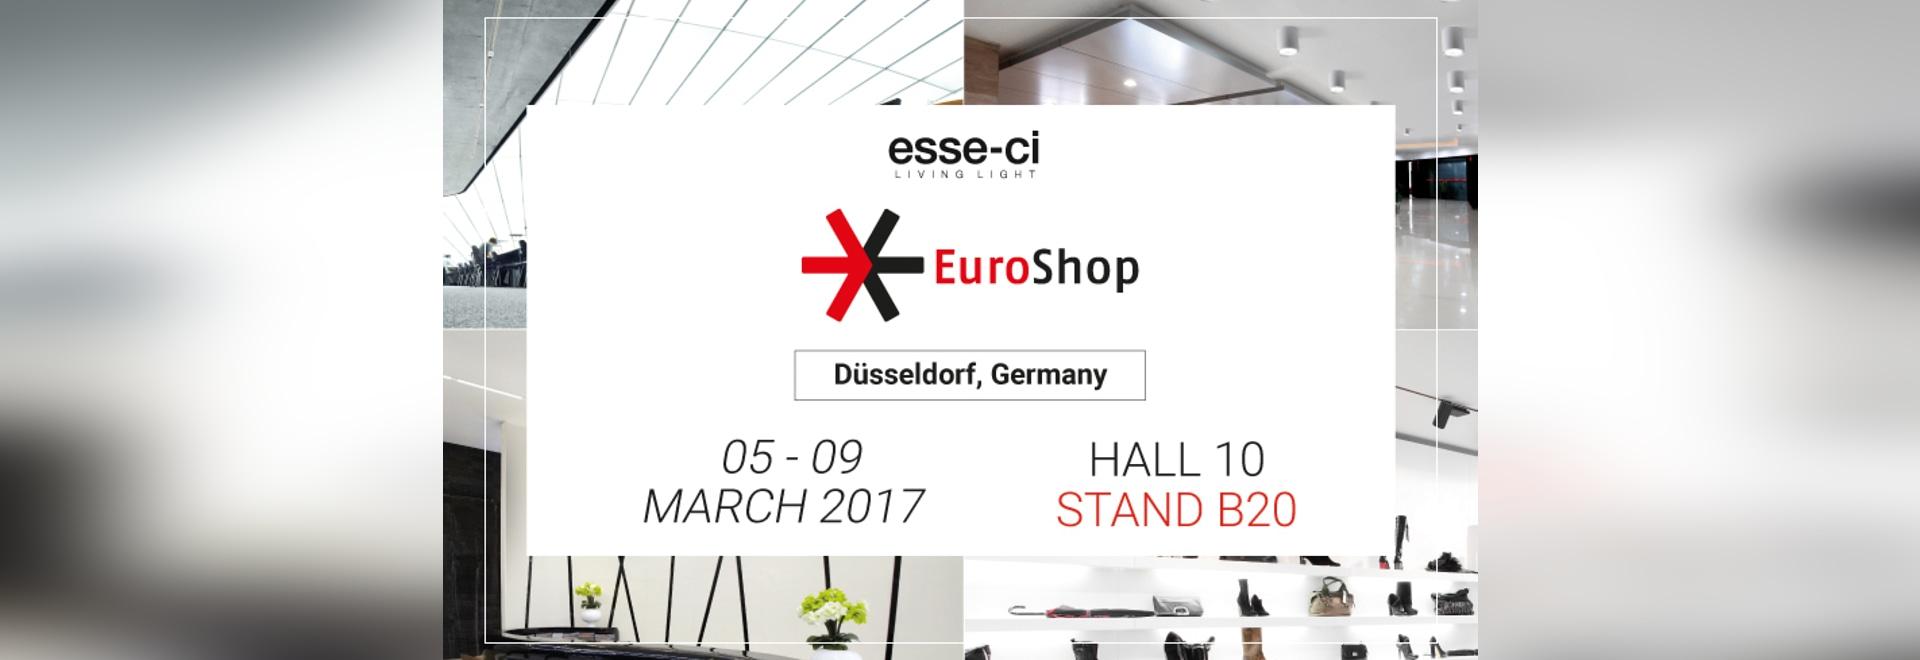 ESSE-CI at EUROSHOP